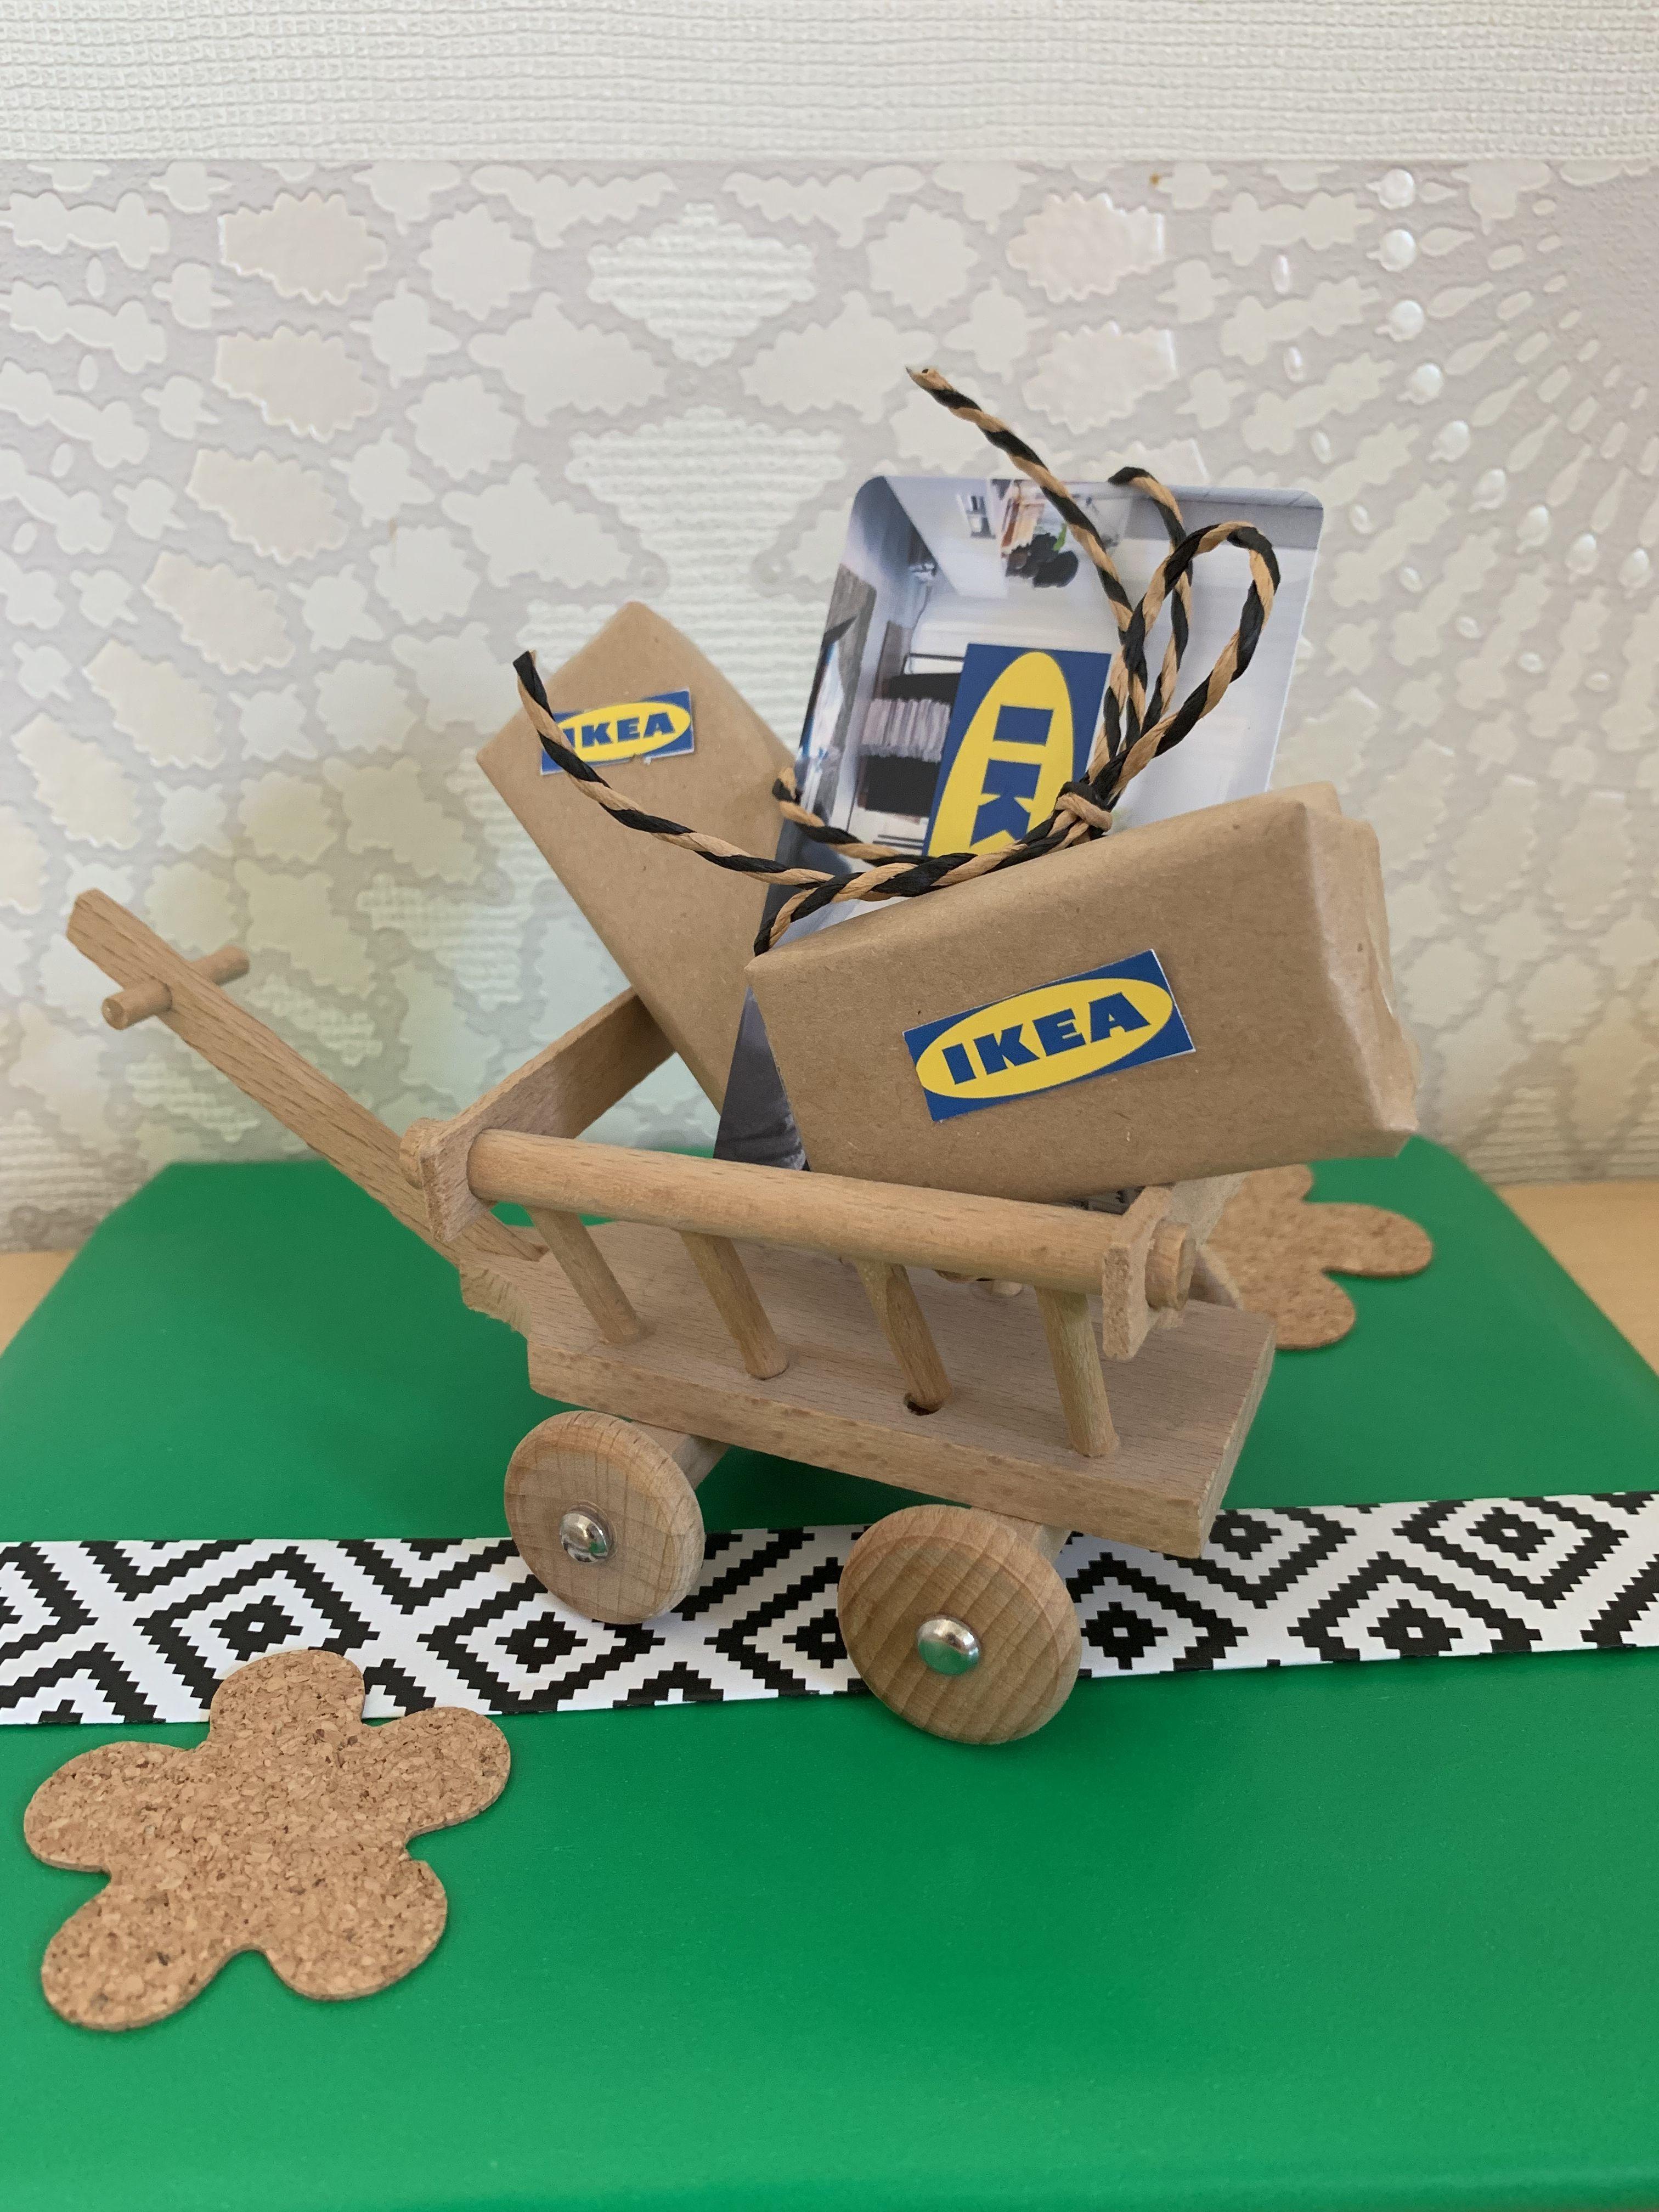 Ikea Geschenkgutschein Gutscheinverpacken Diy Geschenkeverpacken Ikea Gutschein Verpacken Hochzeit Gutschein Nett Verpacken Gutschein Verpacken Geburtstag